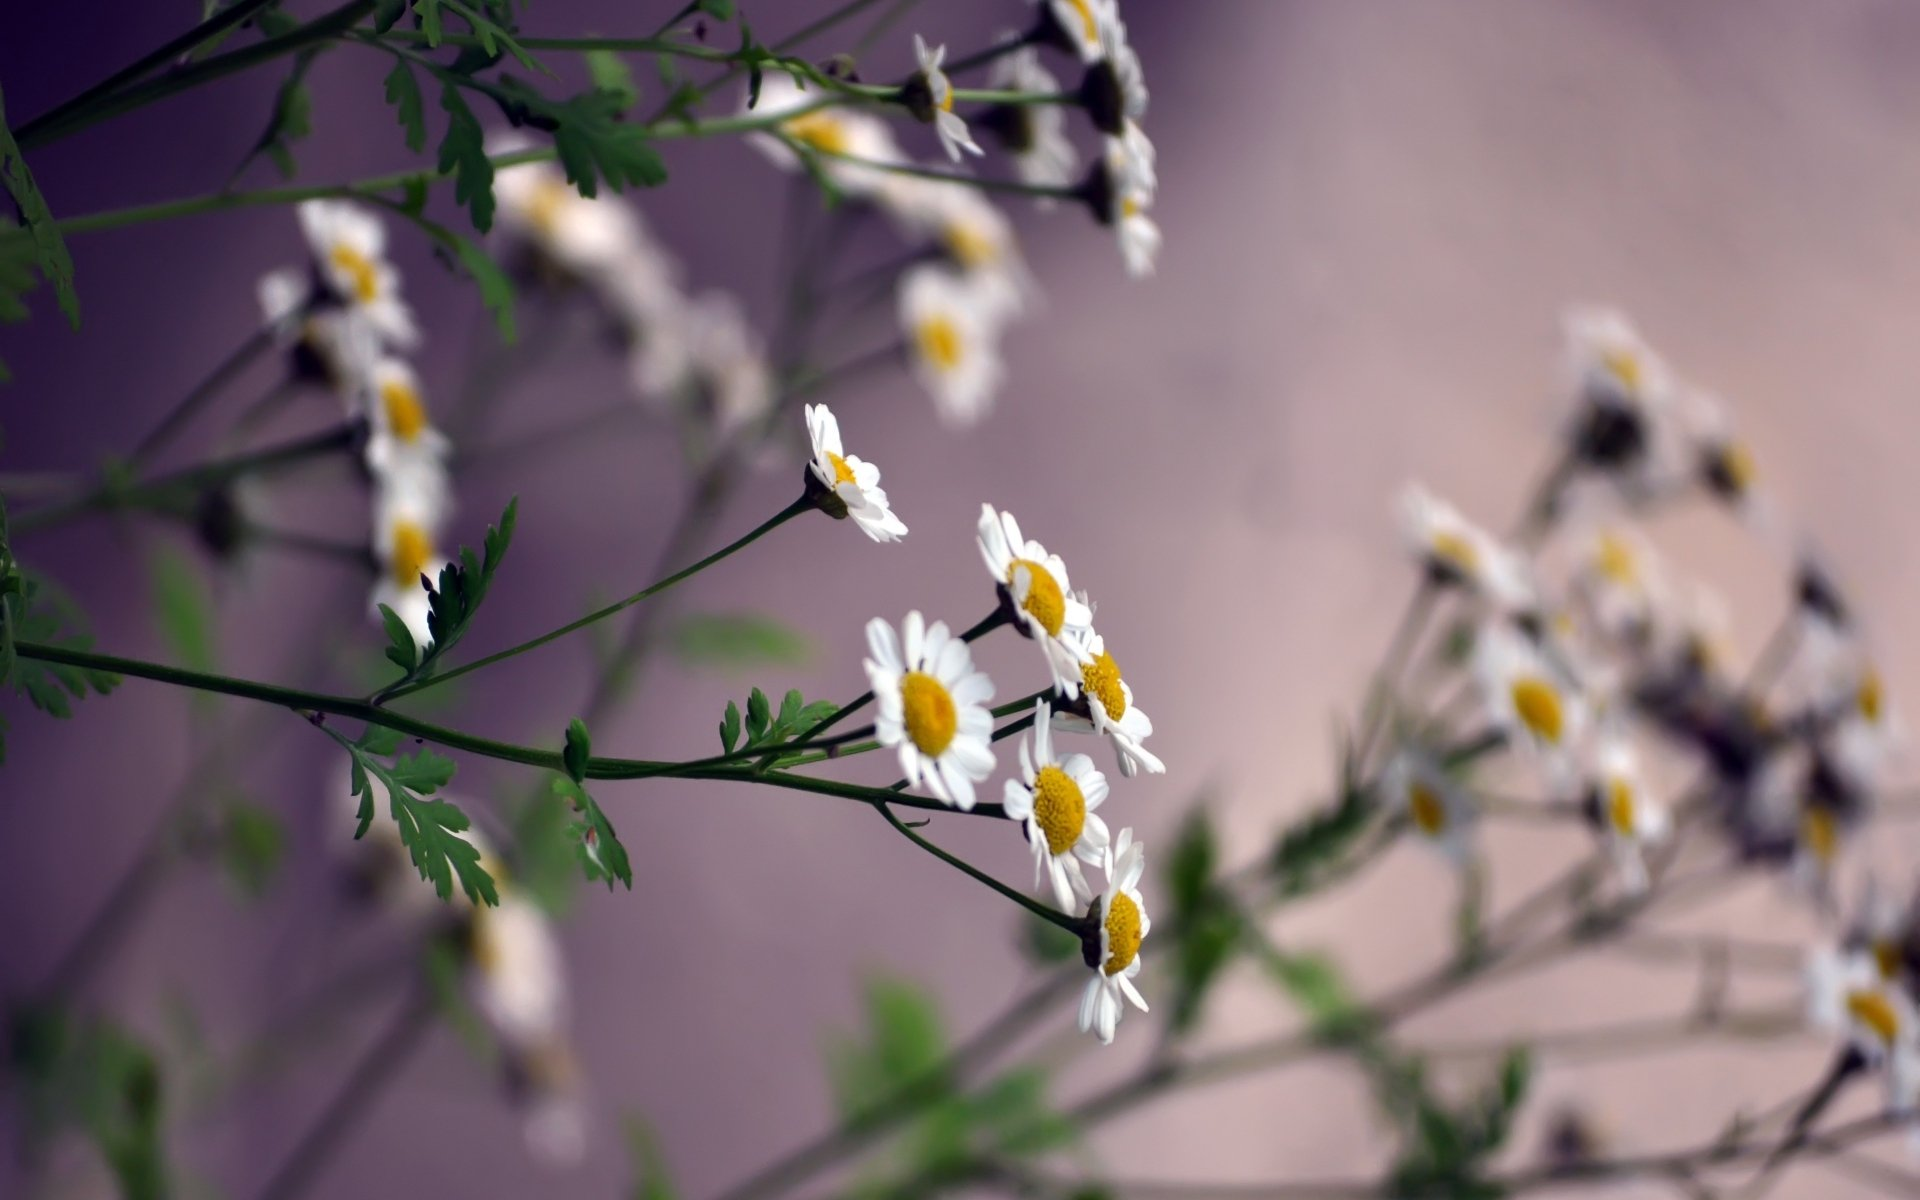 Earth - Flower  Blur White Flower Nature Wallpaper